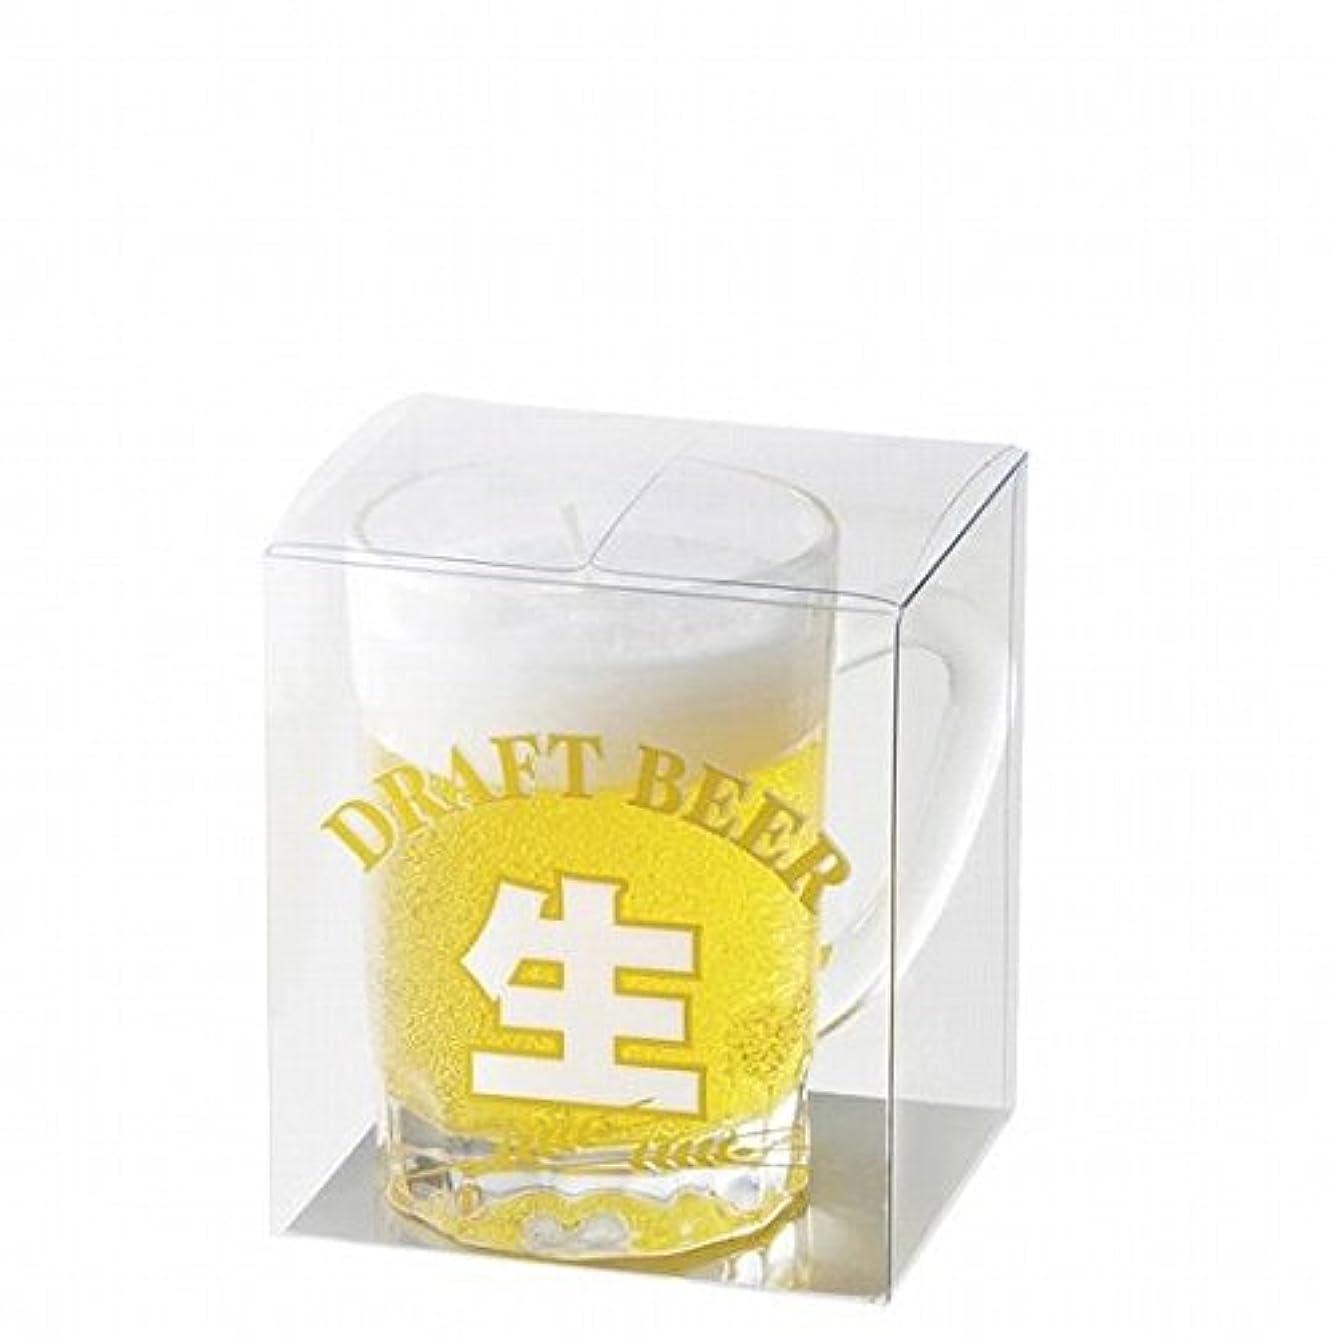 kameyama candle(カメヤマキャンドル) ミニジョッキ キャンドル(86000010)